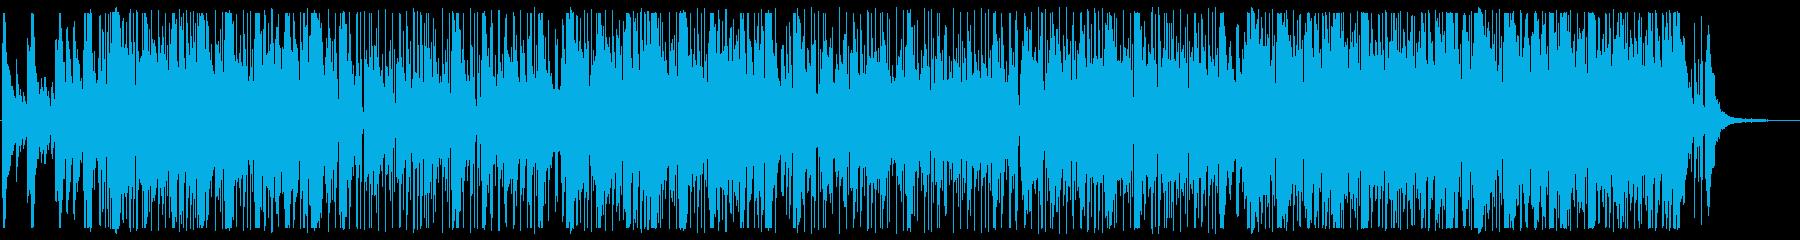 壮大でチカラ強く前向きなオーケストラの曲の再生済みの波形